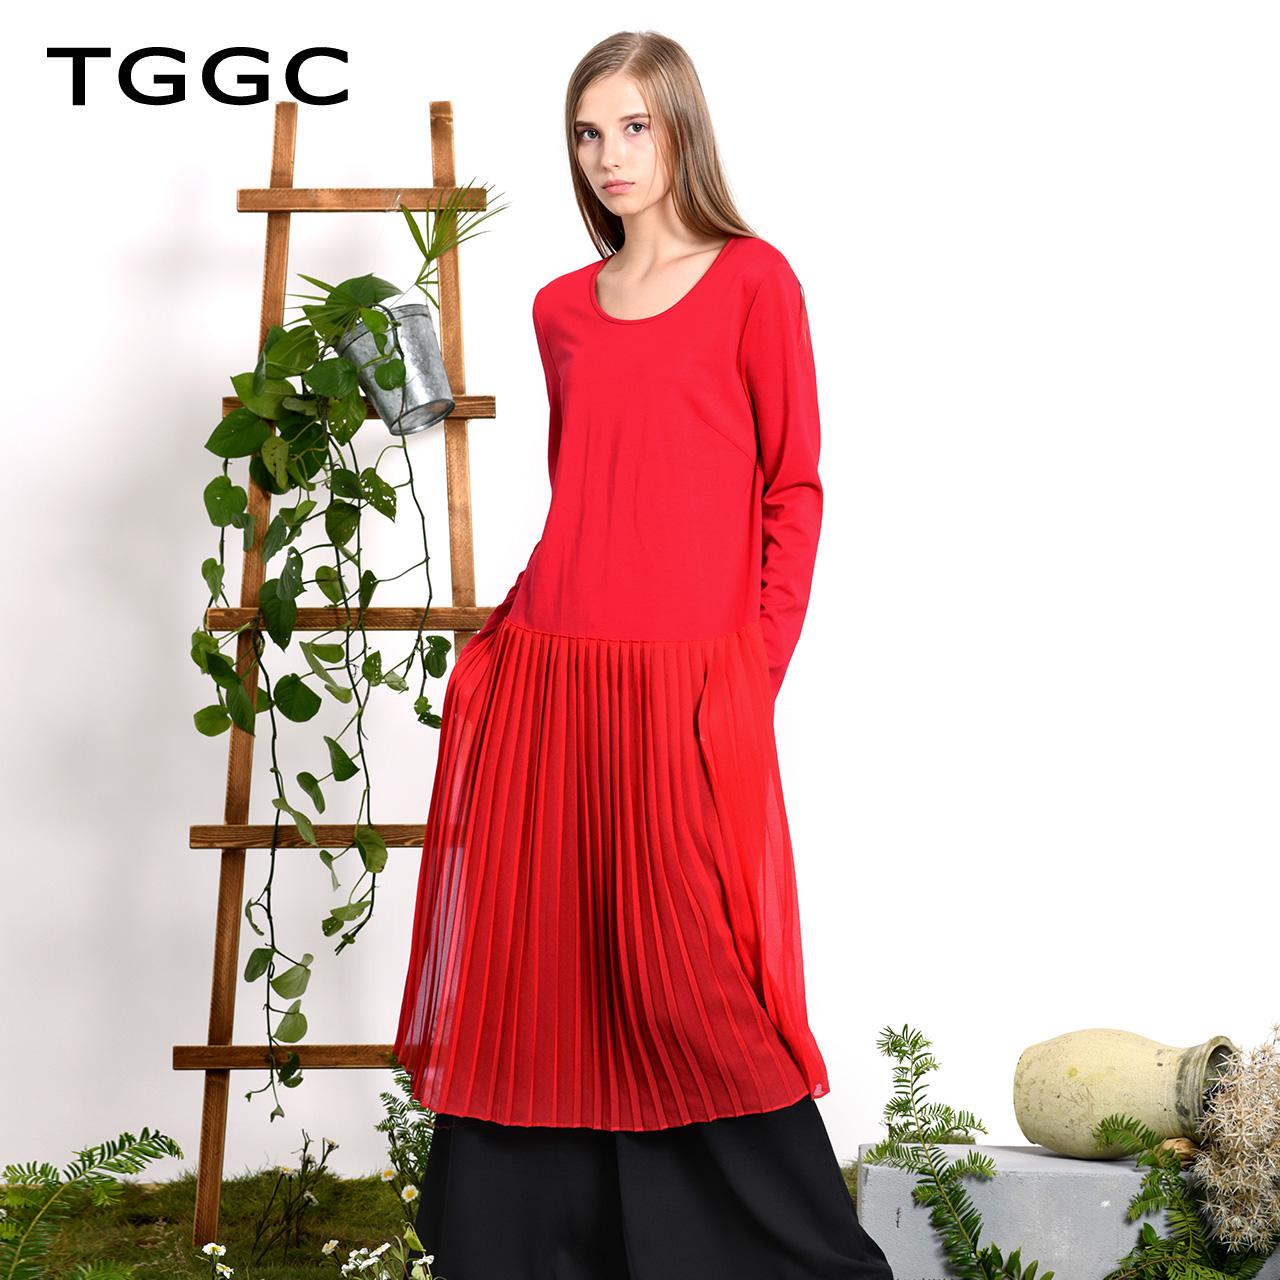 TGGC2018年春装新款针织雪纺拼接中长裙褶皱弹力宽松连衣裙F21896